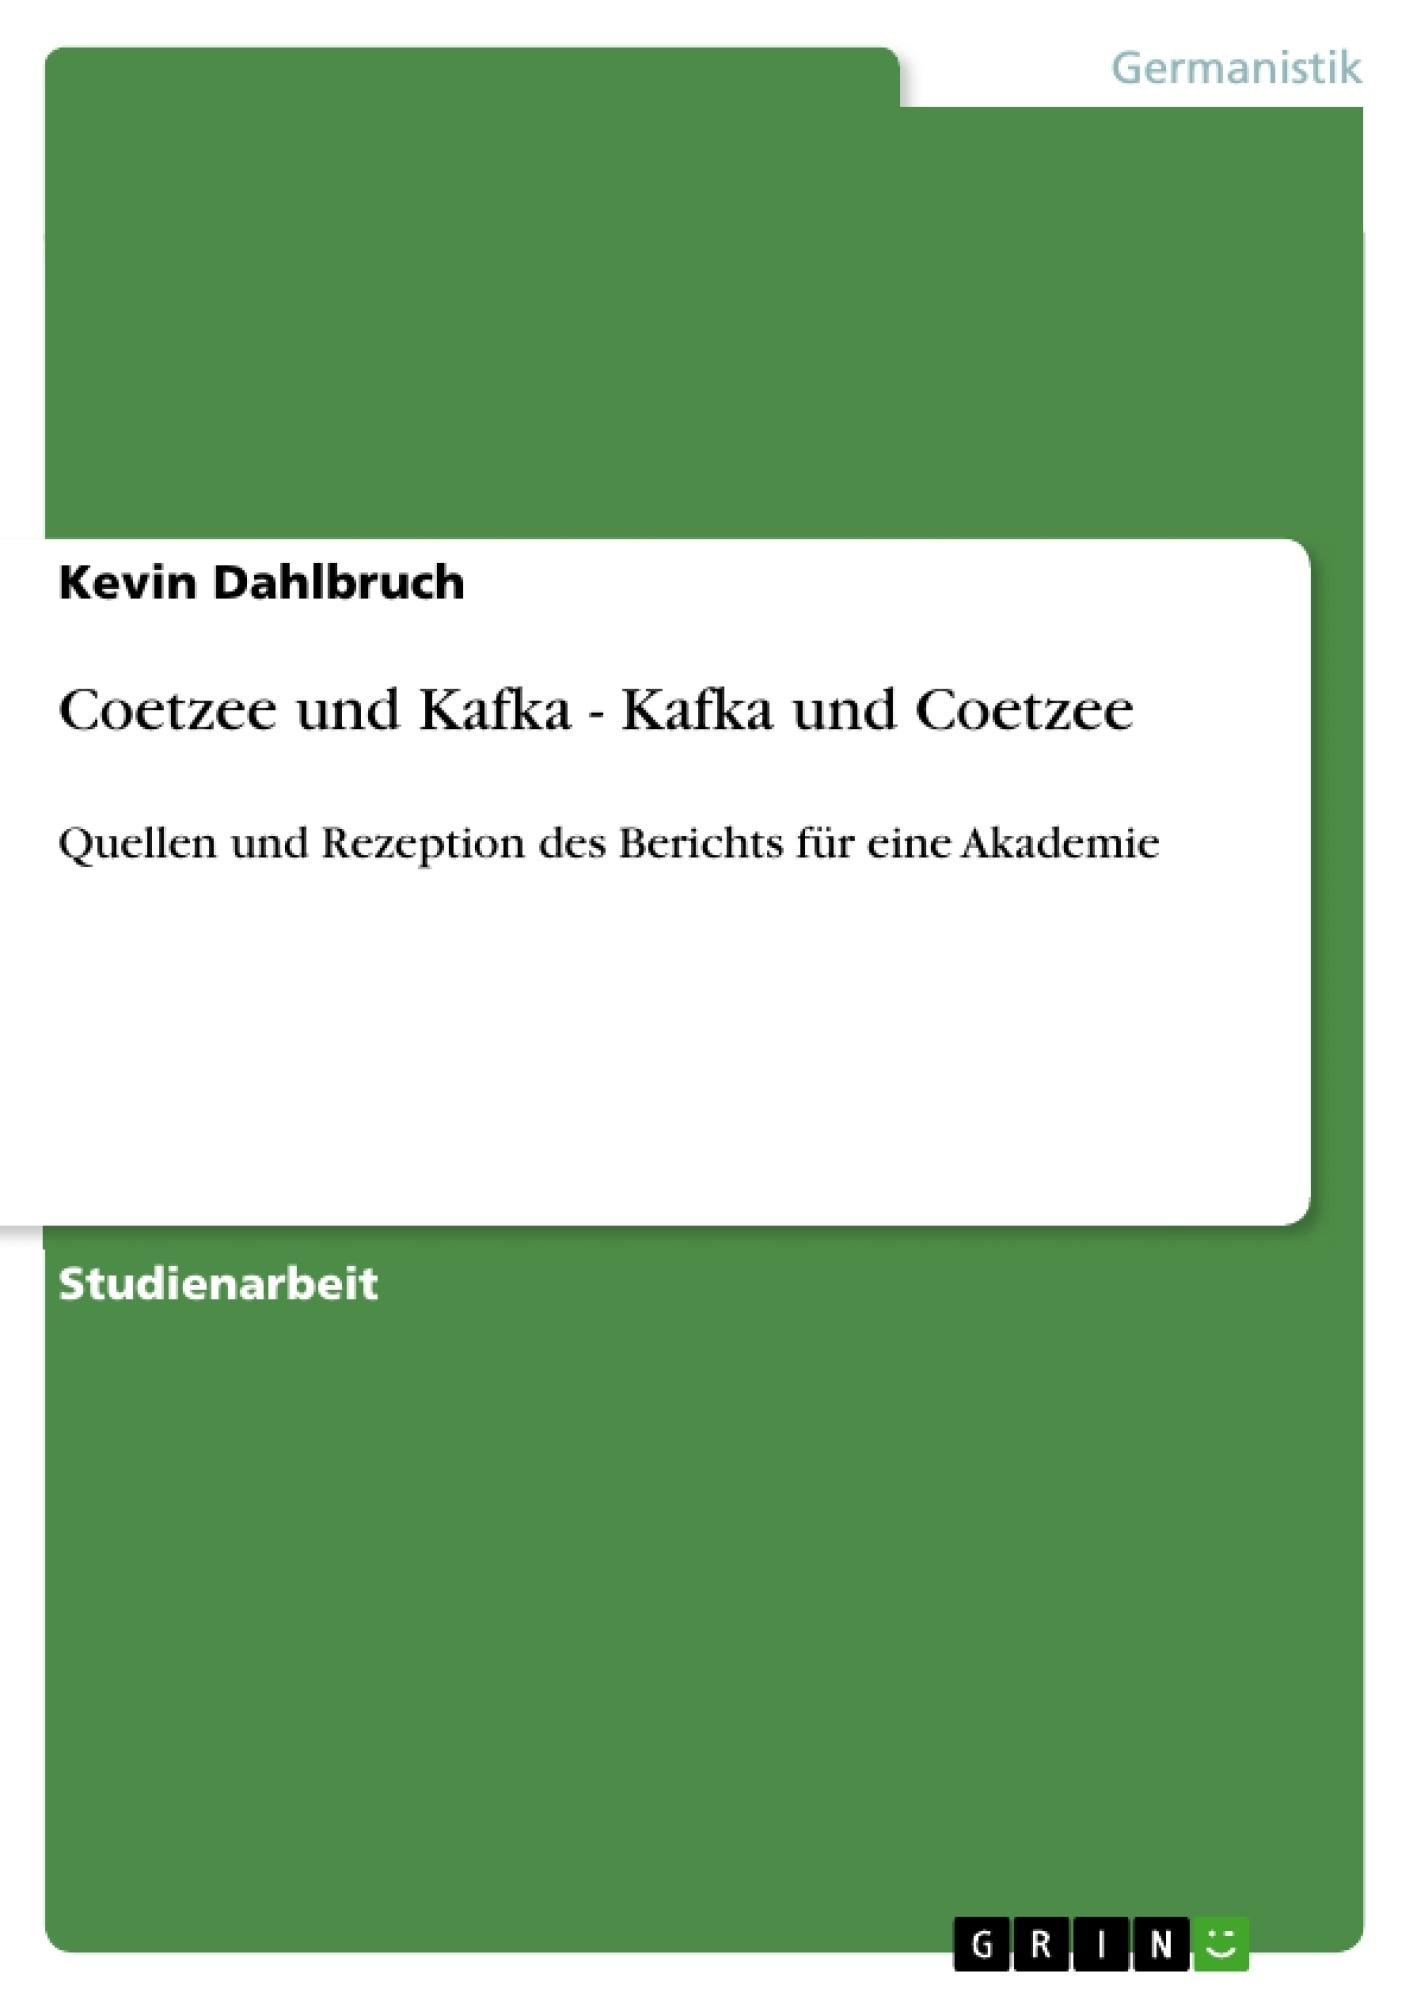 Titel: Coetzee und Kafka - Kafka und Coetzee